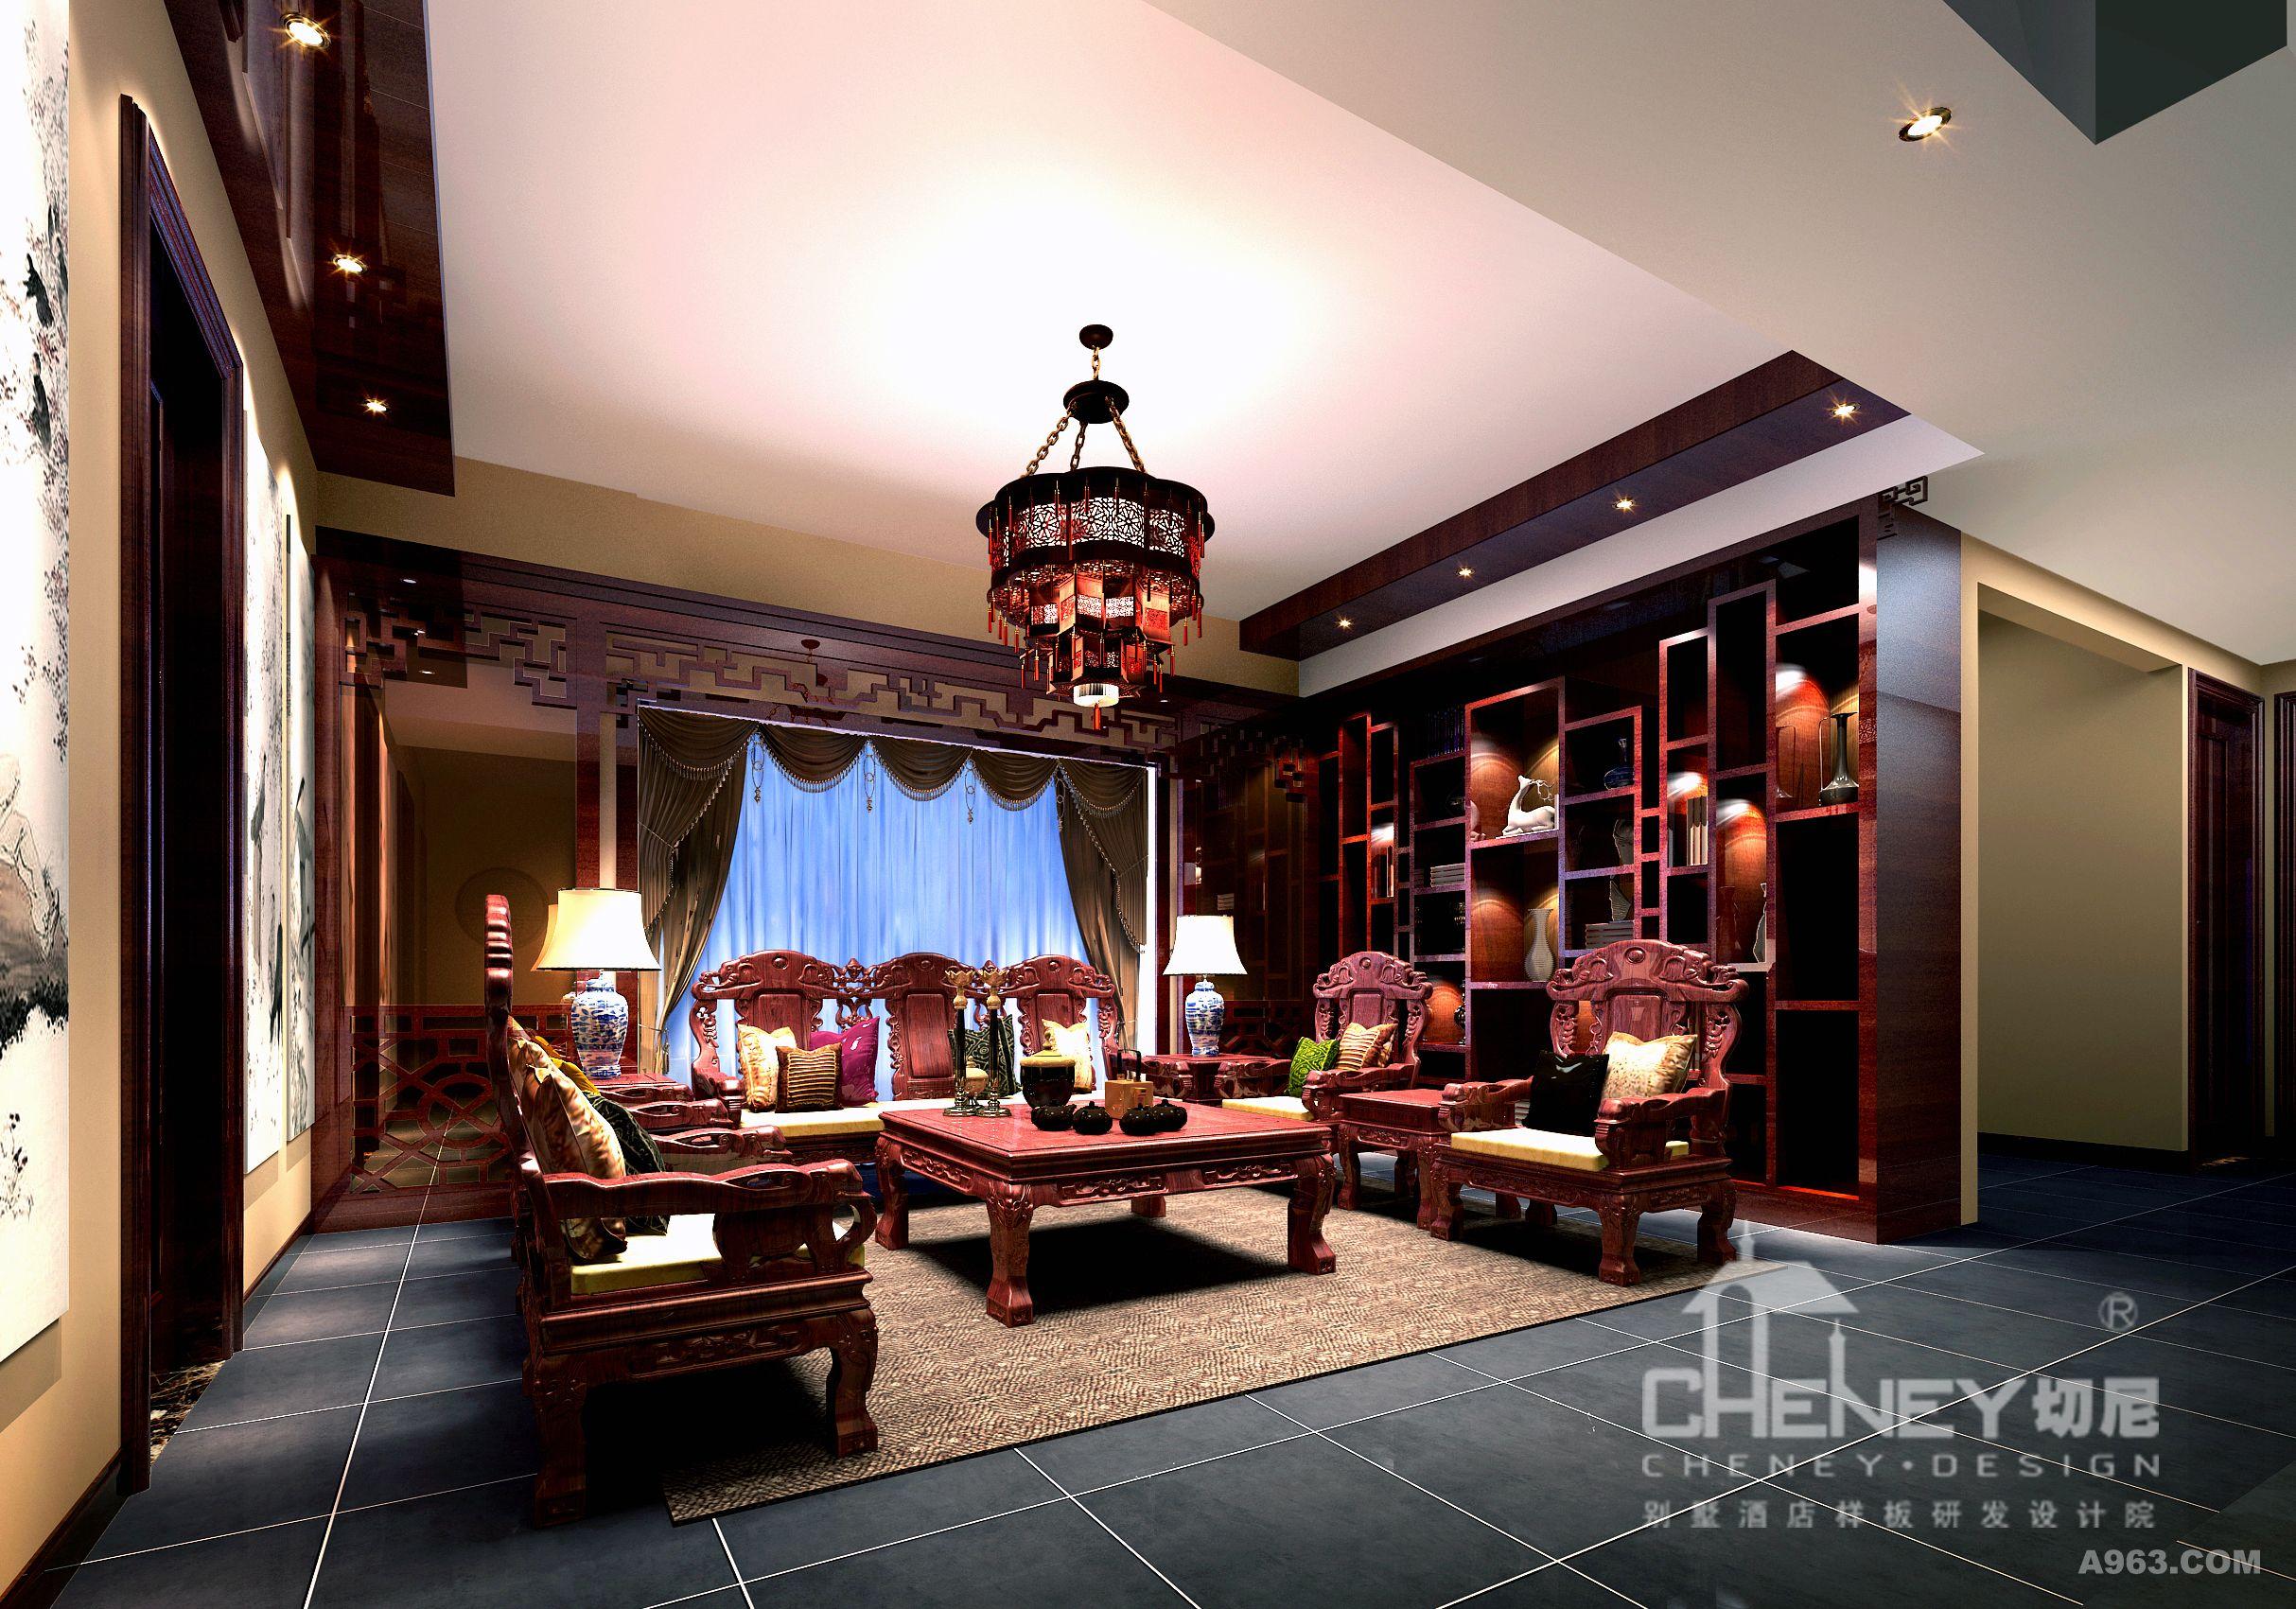 中式的居室有的不仅雍容华贵,而且平静而禅意。通过完美的线条,精益求精的细节处理,带给人庄重与优雅双重气质。 中式风格造型讲究对称,色彩讲究对比,装饰材料以木材为主图案多龙、凤、龟、狮等,精雕细琢、瑰丽奇巧。 客厅地面材质用青石砖搭配红木家具,红木展示柜对称中有不规则打破沉闷,不对称中有对称有中式的稳重。大窗户两边用了茶镜来拉伸空间感,让客厅瞬间放大很多,也打破了中式的严肃感。电视背景用了中式的典型窗花,窗花配青石砖墙显得空间更有意境。餐厅区域用了地面台高,拉出空间层次感。 主人房用了欧式元素来体现卧室的舒